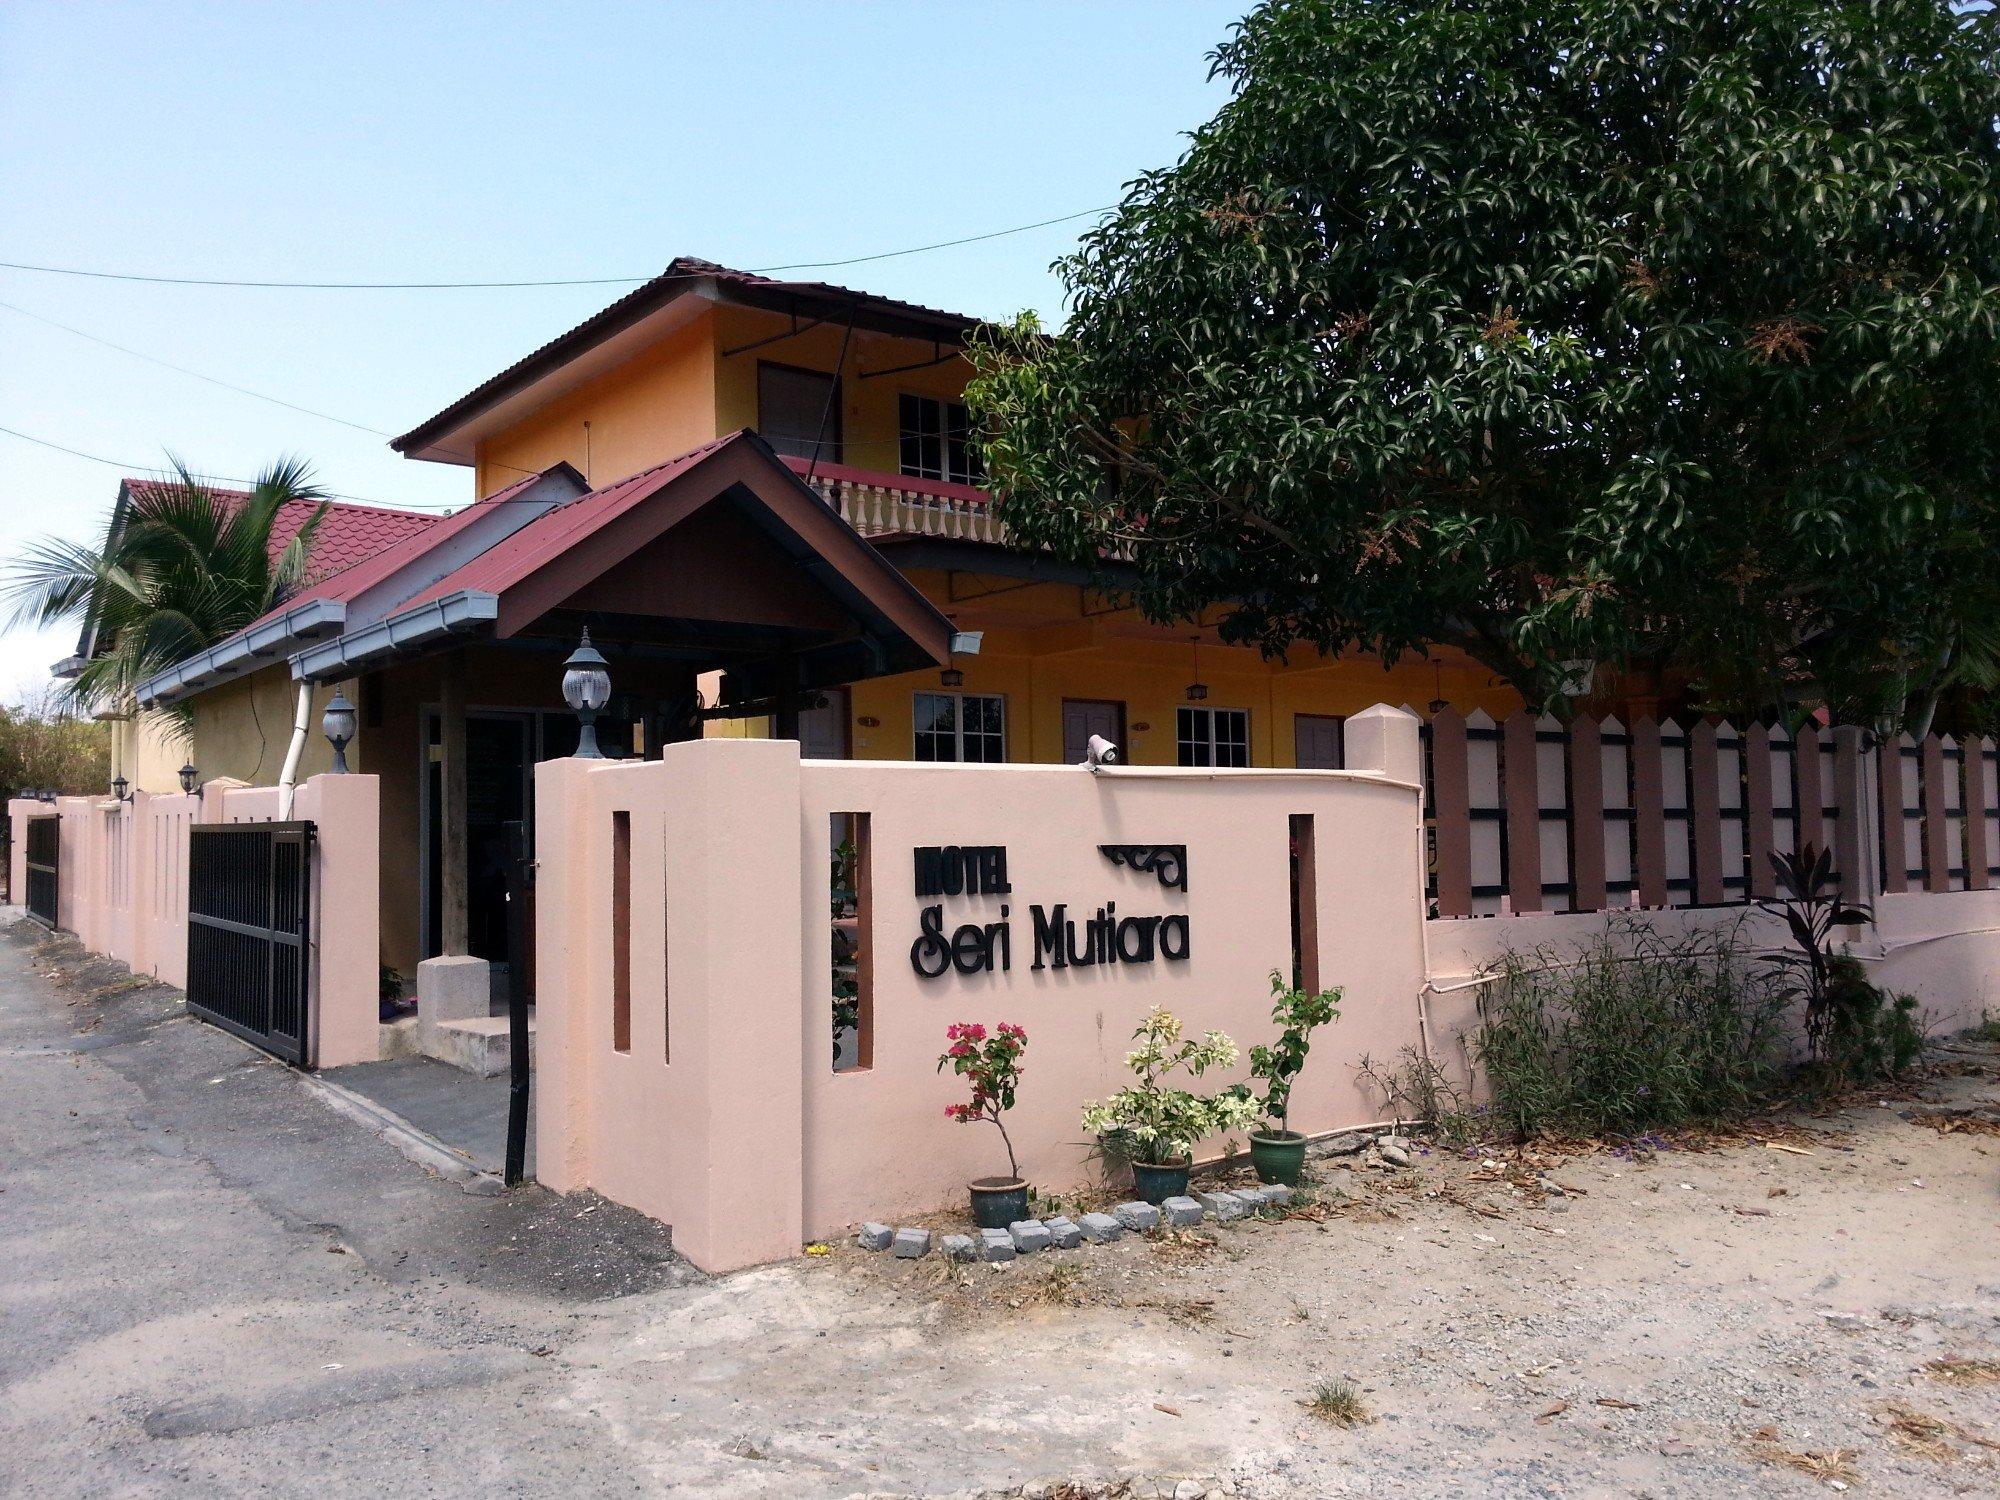 Motel Sei Mutiara in Kuah, Langkawi